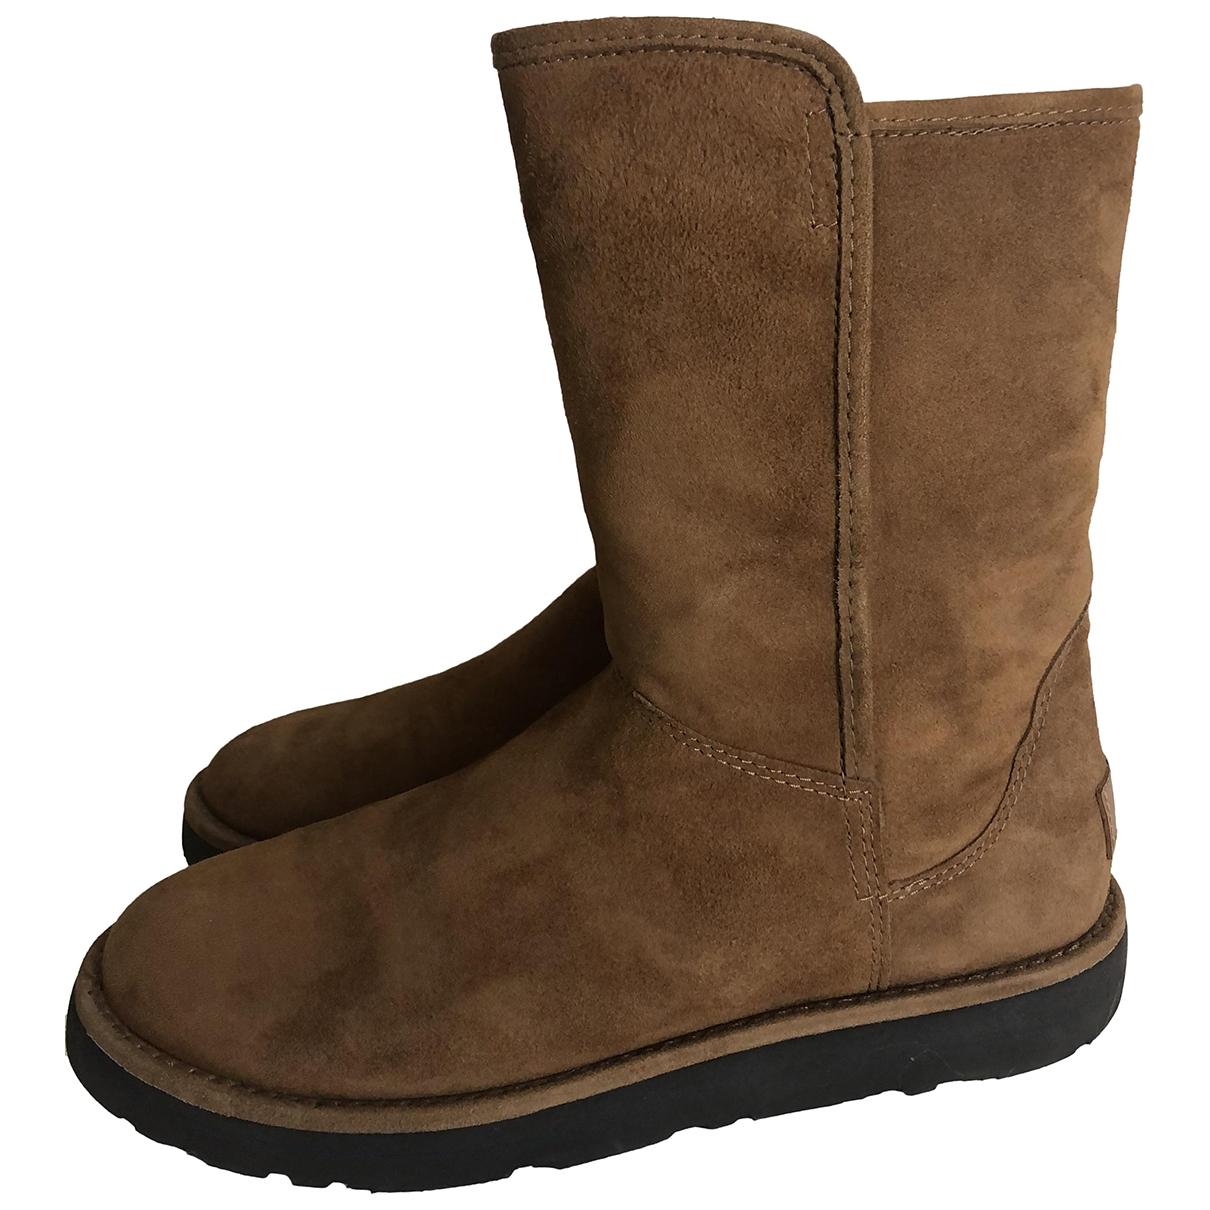 Ugg - Boots   pour femme en toile - marron